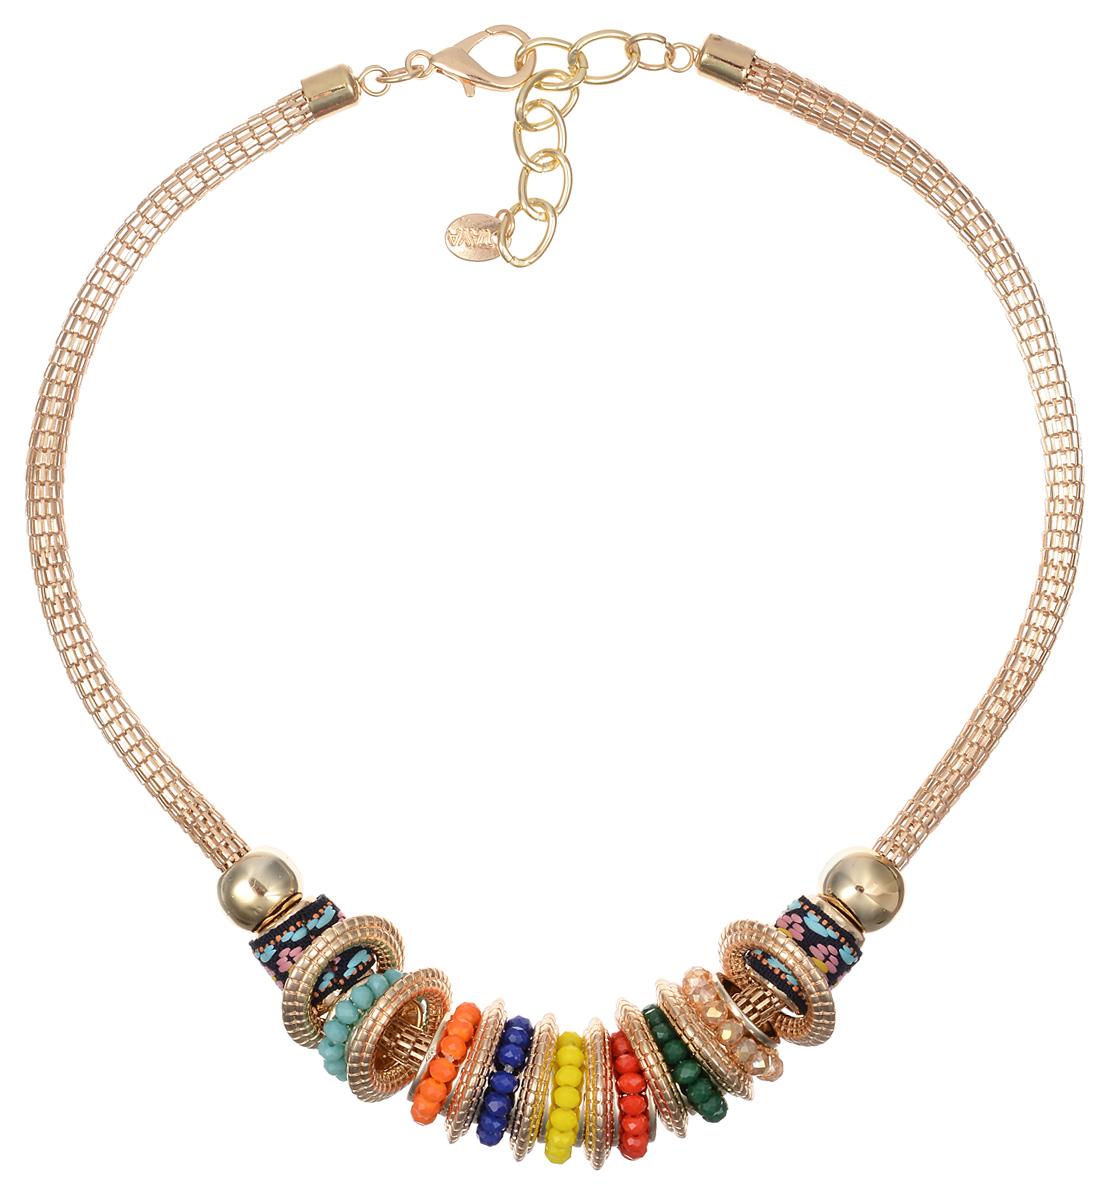 Колье Taya, цвет: мультиколор, золотистый. T-B-10121Колье (короткие одноярусные бусы)Оригинальное колье Taya будет потрясающе смотреться на шее своей обладательницы. Изделие выполнено из металлического сплава в виде цепочки оригинального плетения, на которой свободно перемещаются объемные круглые золотистые кольца, сплетенные из бисера подвески и металлические элементы, украшенные тесьмой. Прелесть этого украшения в том, что любую деталь можно снять и расположить в нужном только вам порядке. Можно даже оставить одно кольцо и носить колье как амулет. Колье застегивается на застежку-карабин с регулирующей длину цепочкой. Такое украшений поможет вам создать уникальный и запоминающийся образ и позволит выделиться среди окружающих.